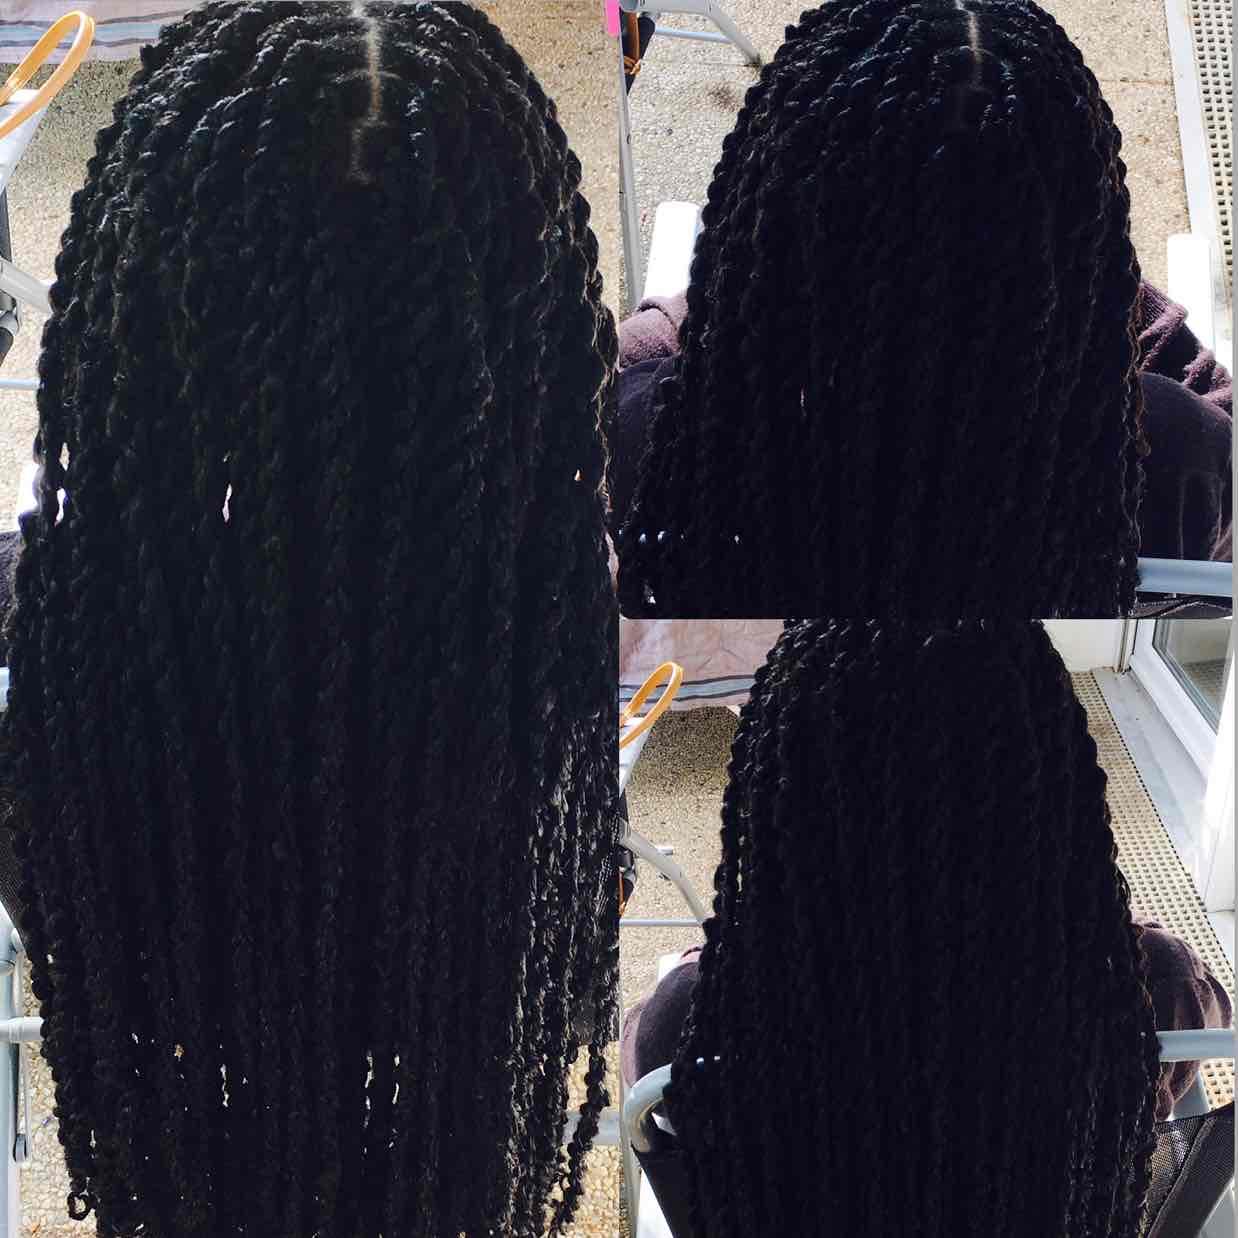 salon de coiffure afro tresse tresses box braids crochet braids vanilles tissages paris 75 77 78 91 92 93 94 95 ABZAKSQN